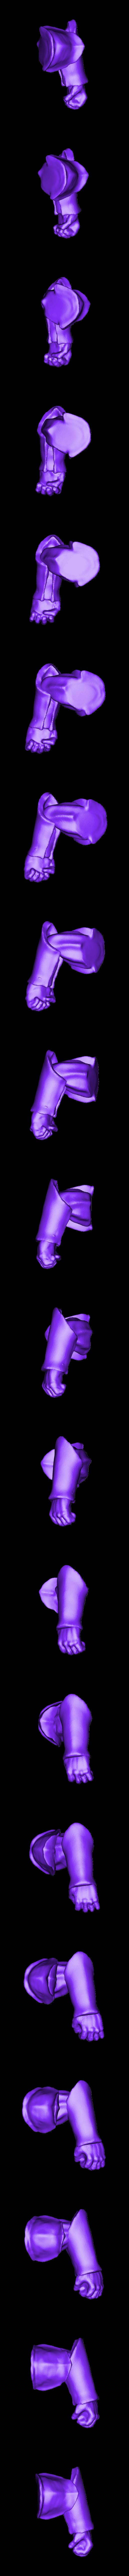 left_arm_v2.stl Télécharger fichier STL gratuit Infatrie des elfes / Miniatures des lanciers • Plan imprimable en 3D, Ilhadiel